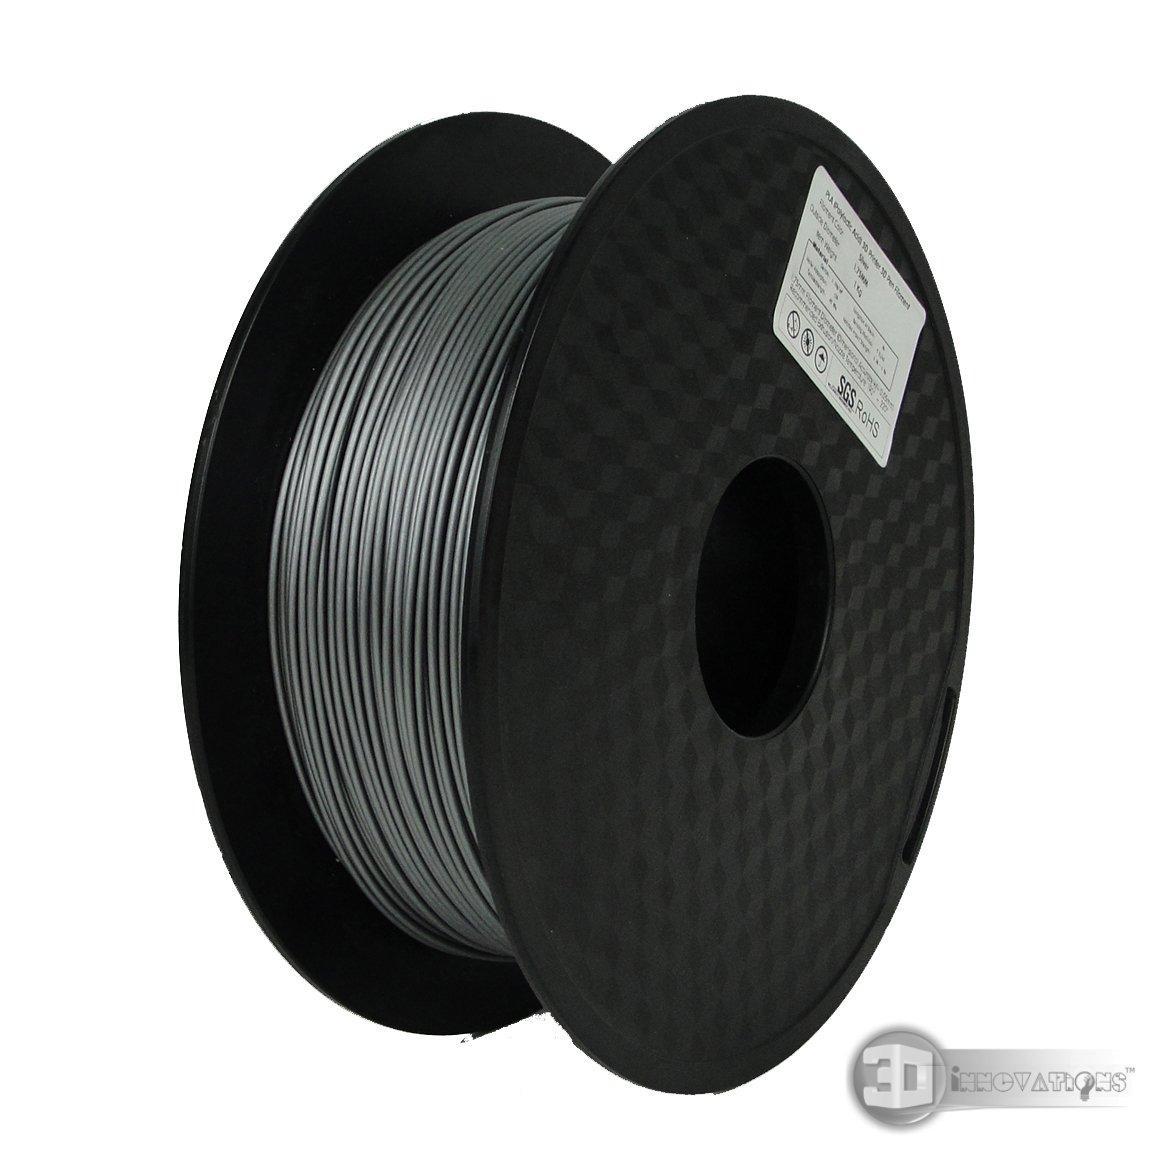 3D Printer Filament 1 Kg, PLA, Silver,1.75 mm Dia